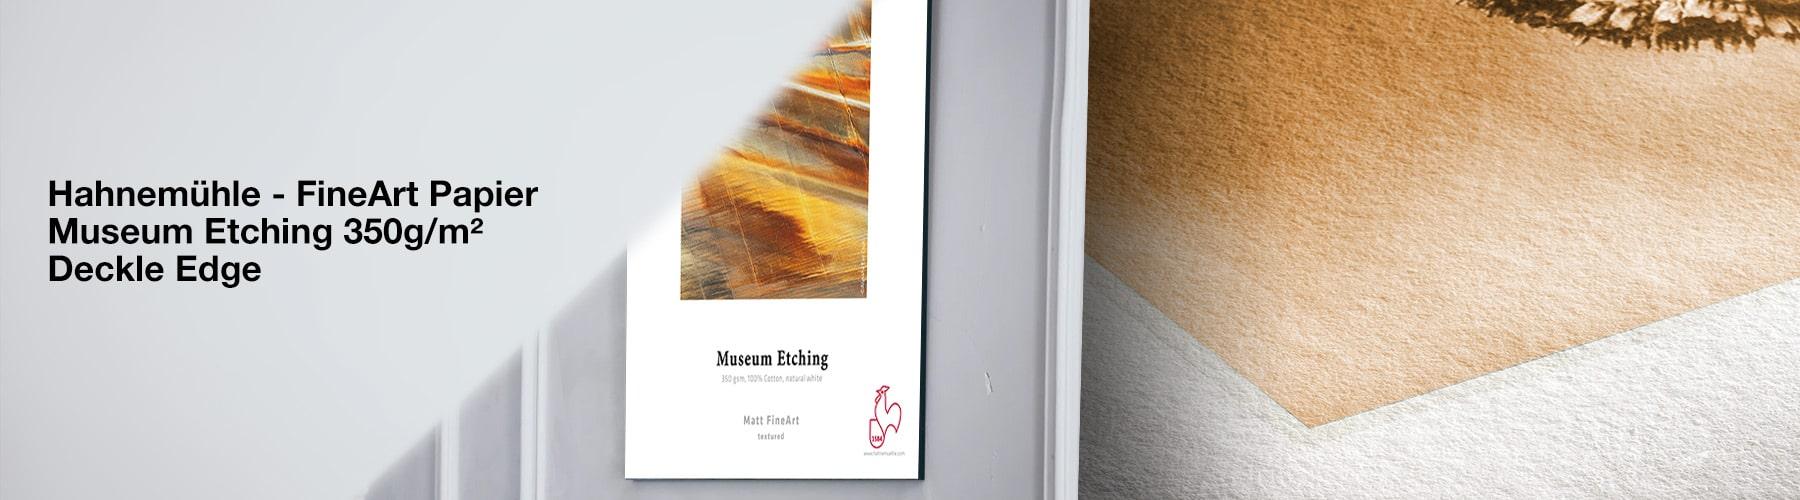 Hahneühle FineArt Papier - Museum Etching 350g/m² Deckle Edge